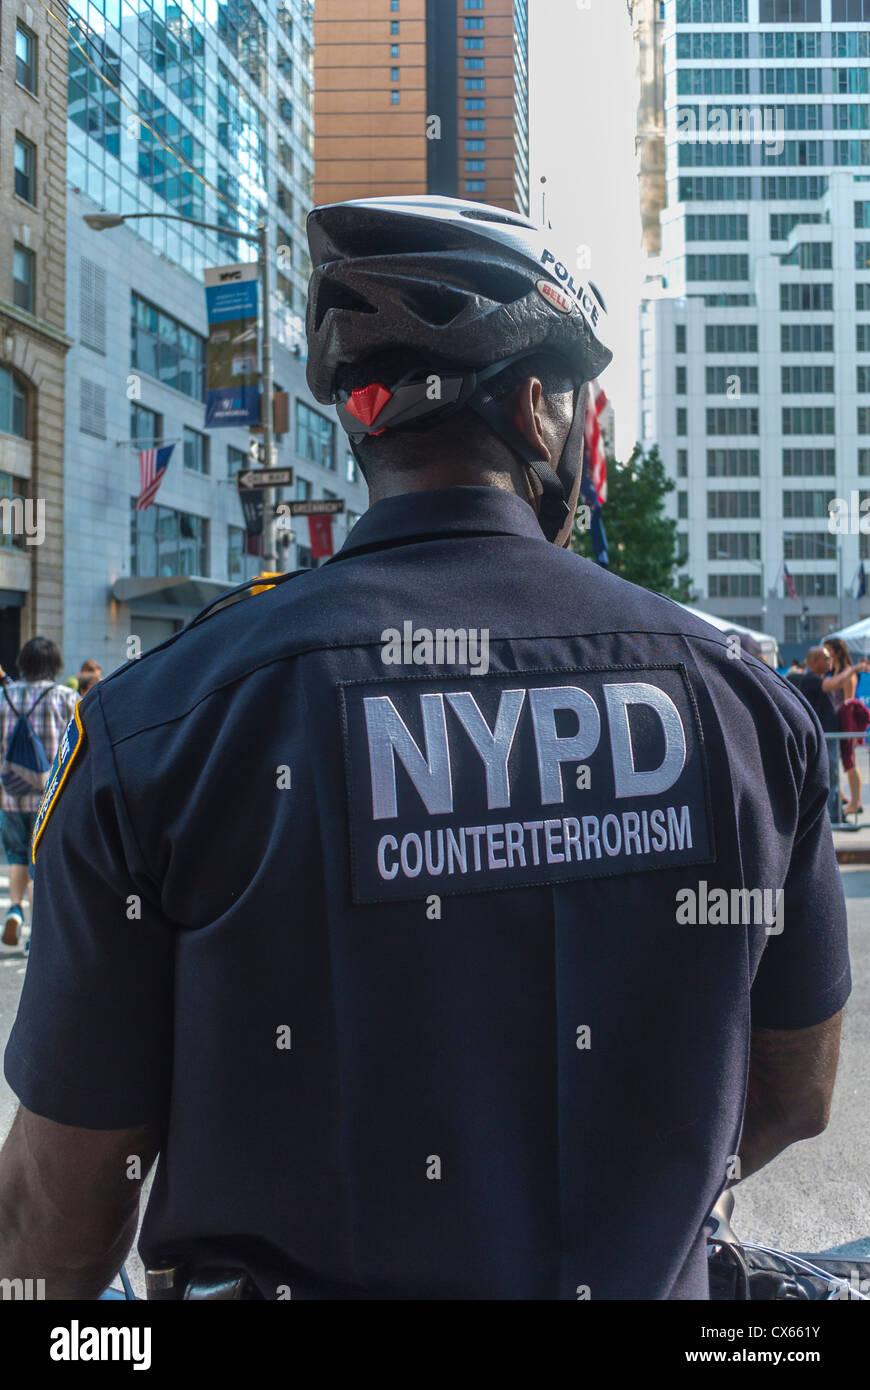 Nueva York, NY, EE.UU., la espalda del policía de uniforme con el logotipo de NYPD, World Trade Center, Manhattan Imagen De Stock